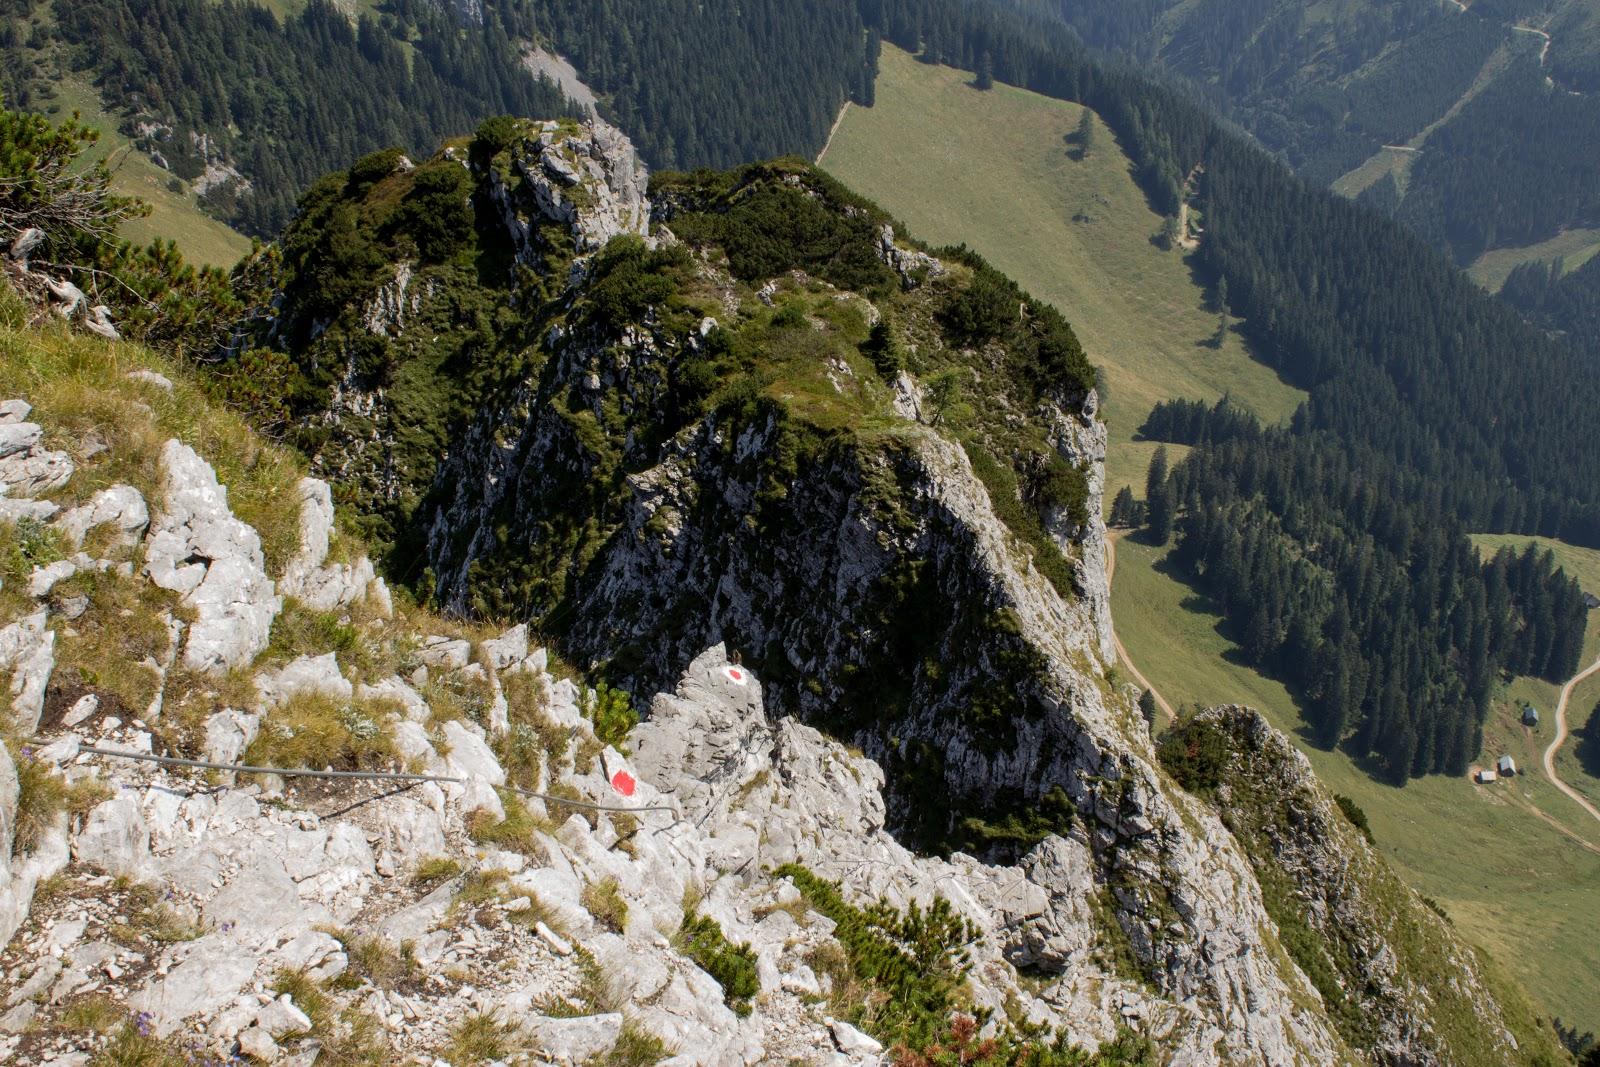 Von der Ardningeralmhütte über den Wildfrauensteig auf Frauenmauer, Bosruck und Kitzstein. - am Klettersteig zur Frauenmauer